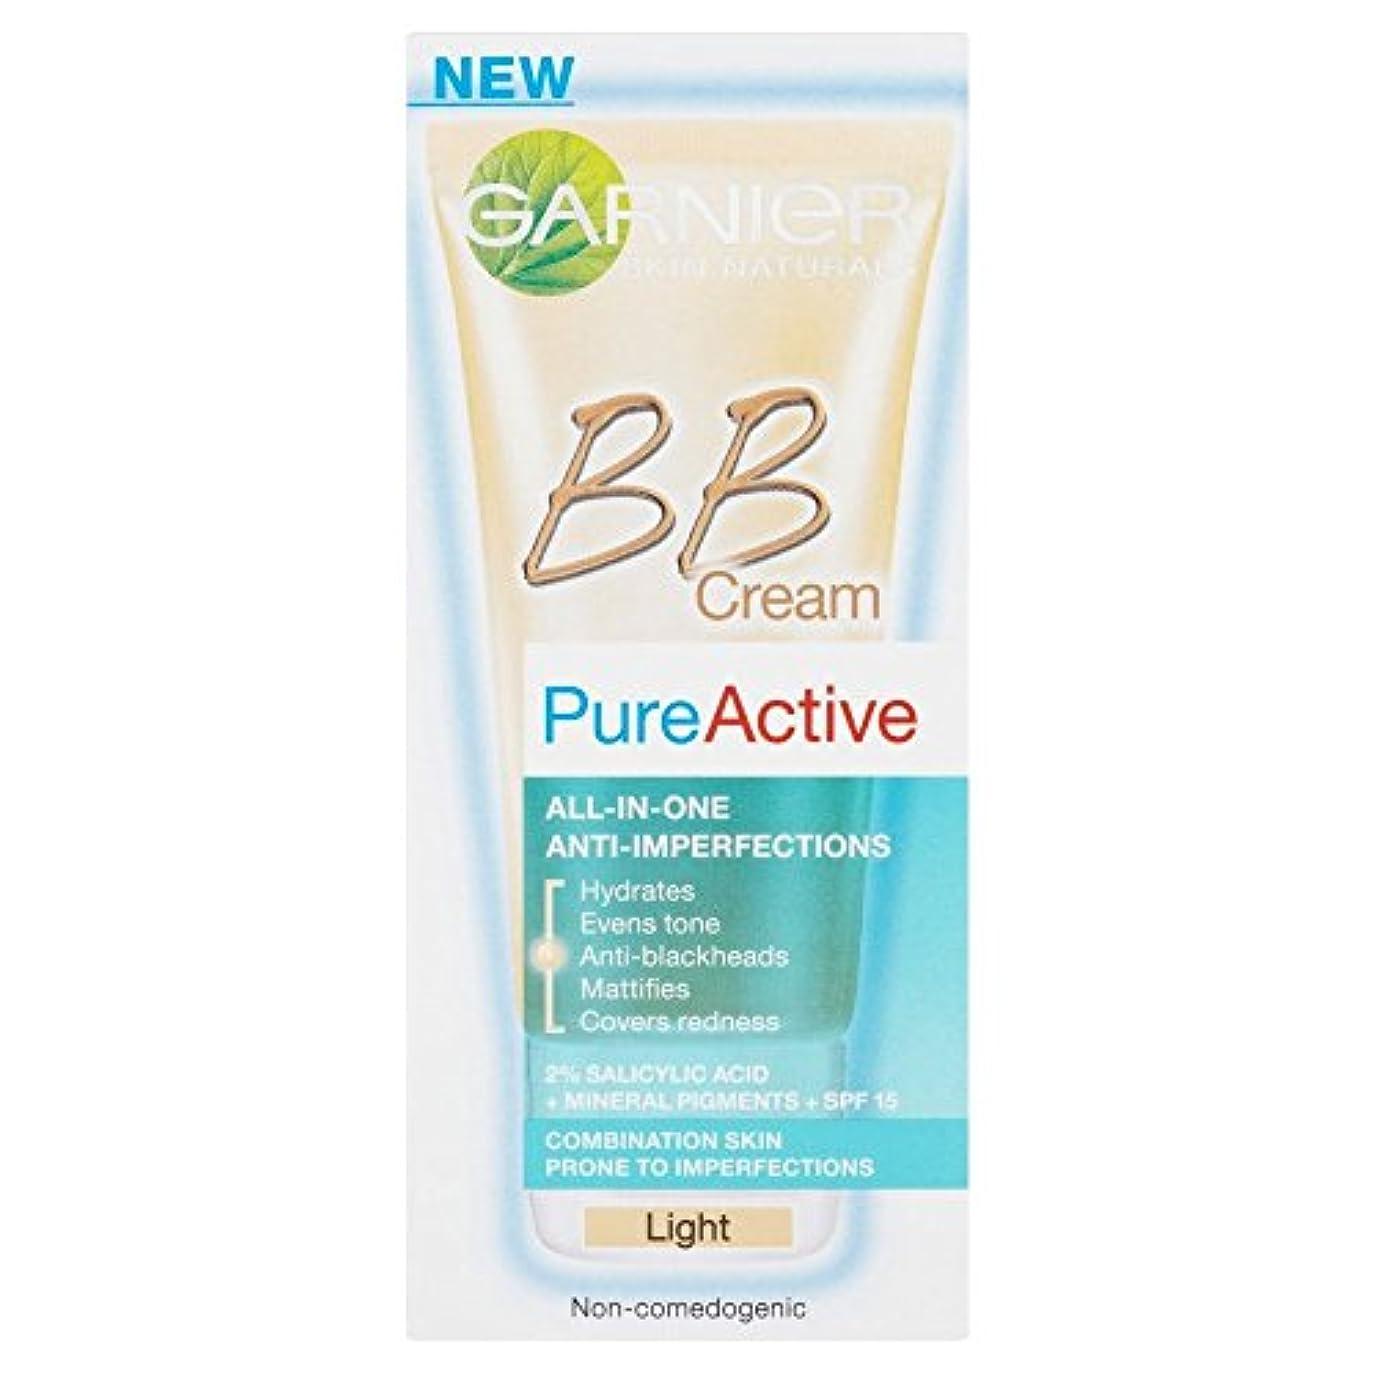 リファイン落ち着かない圧倒するGarnier Pure Active BB Cream - Light (50ml) ガルニエ純粋な活性bbクリーム - 光( 50ミリリットル) [並行輸入品]